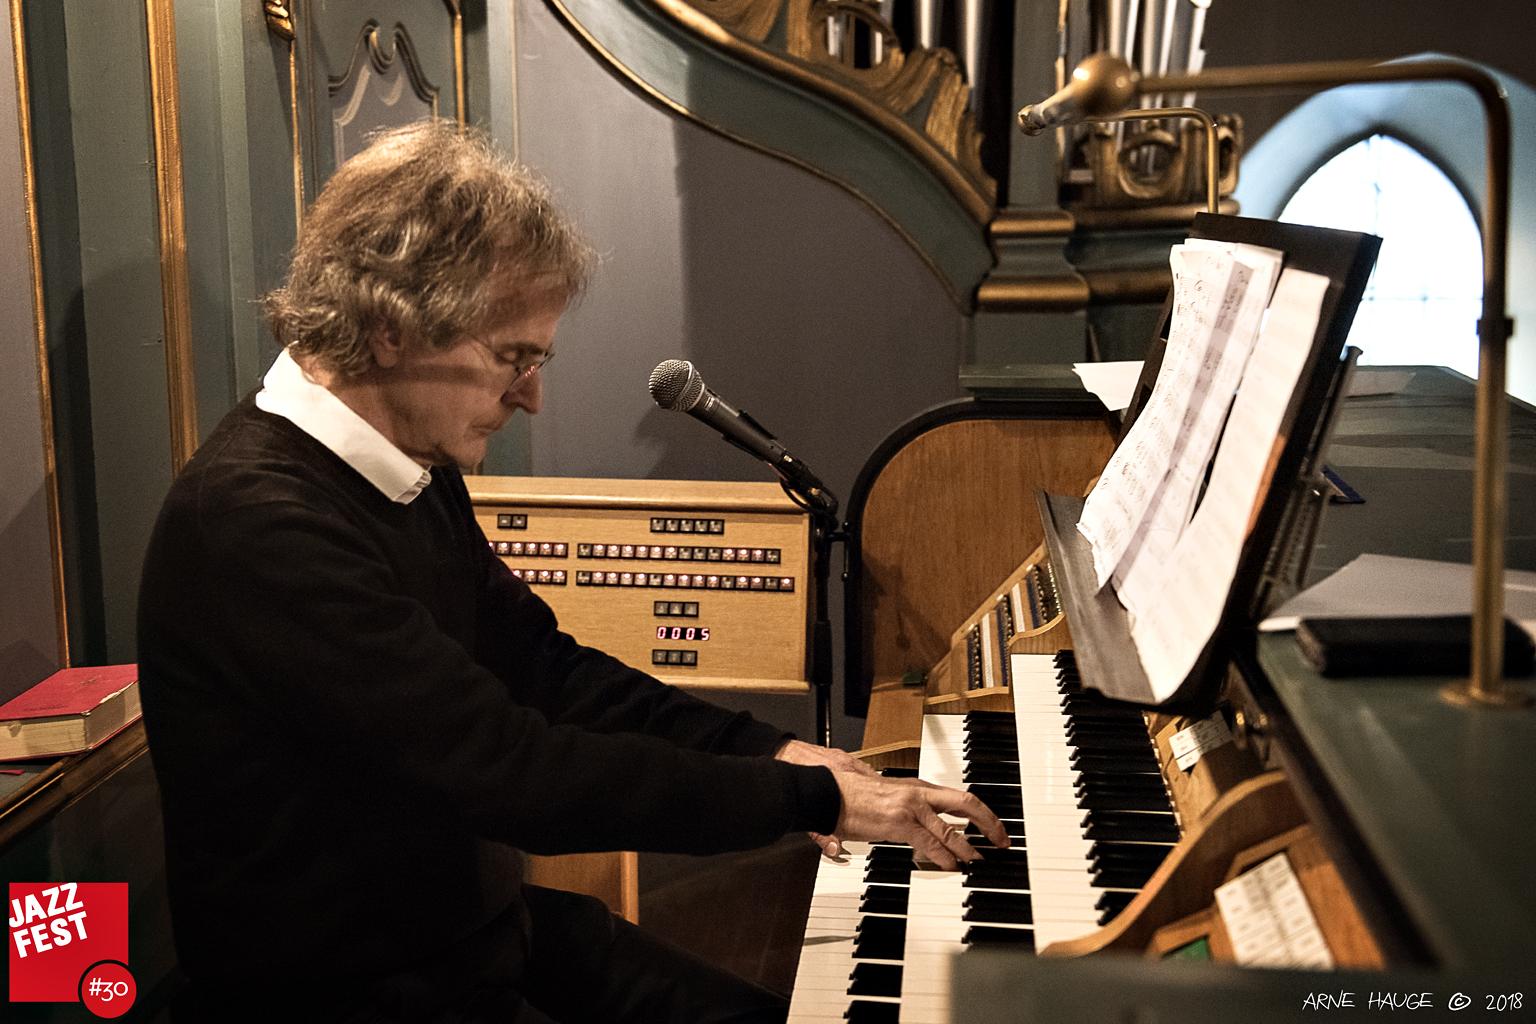 180512_Gunnar A Berg & Henning Sommerro @ Vår Frue Kirke_TMP_002.JPG